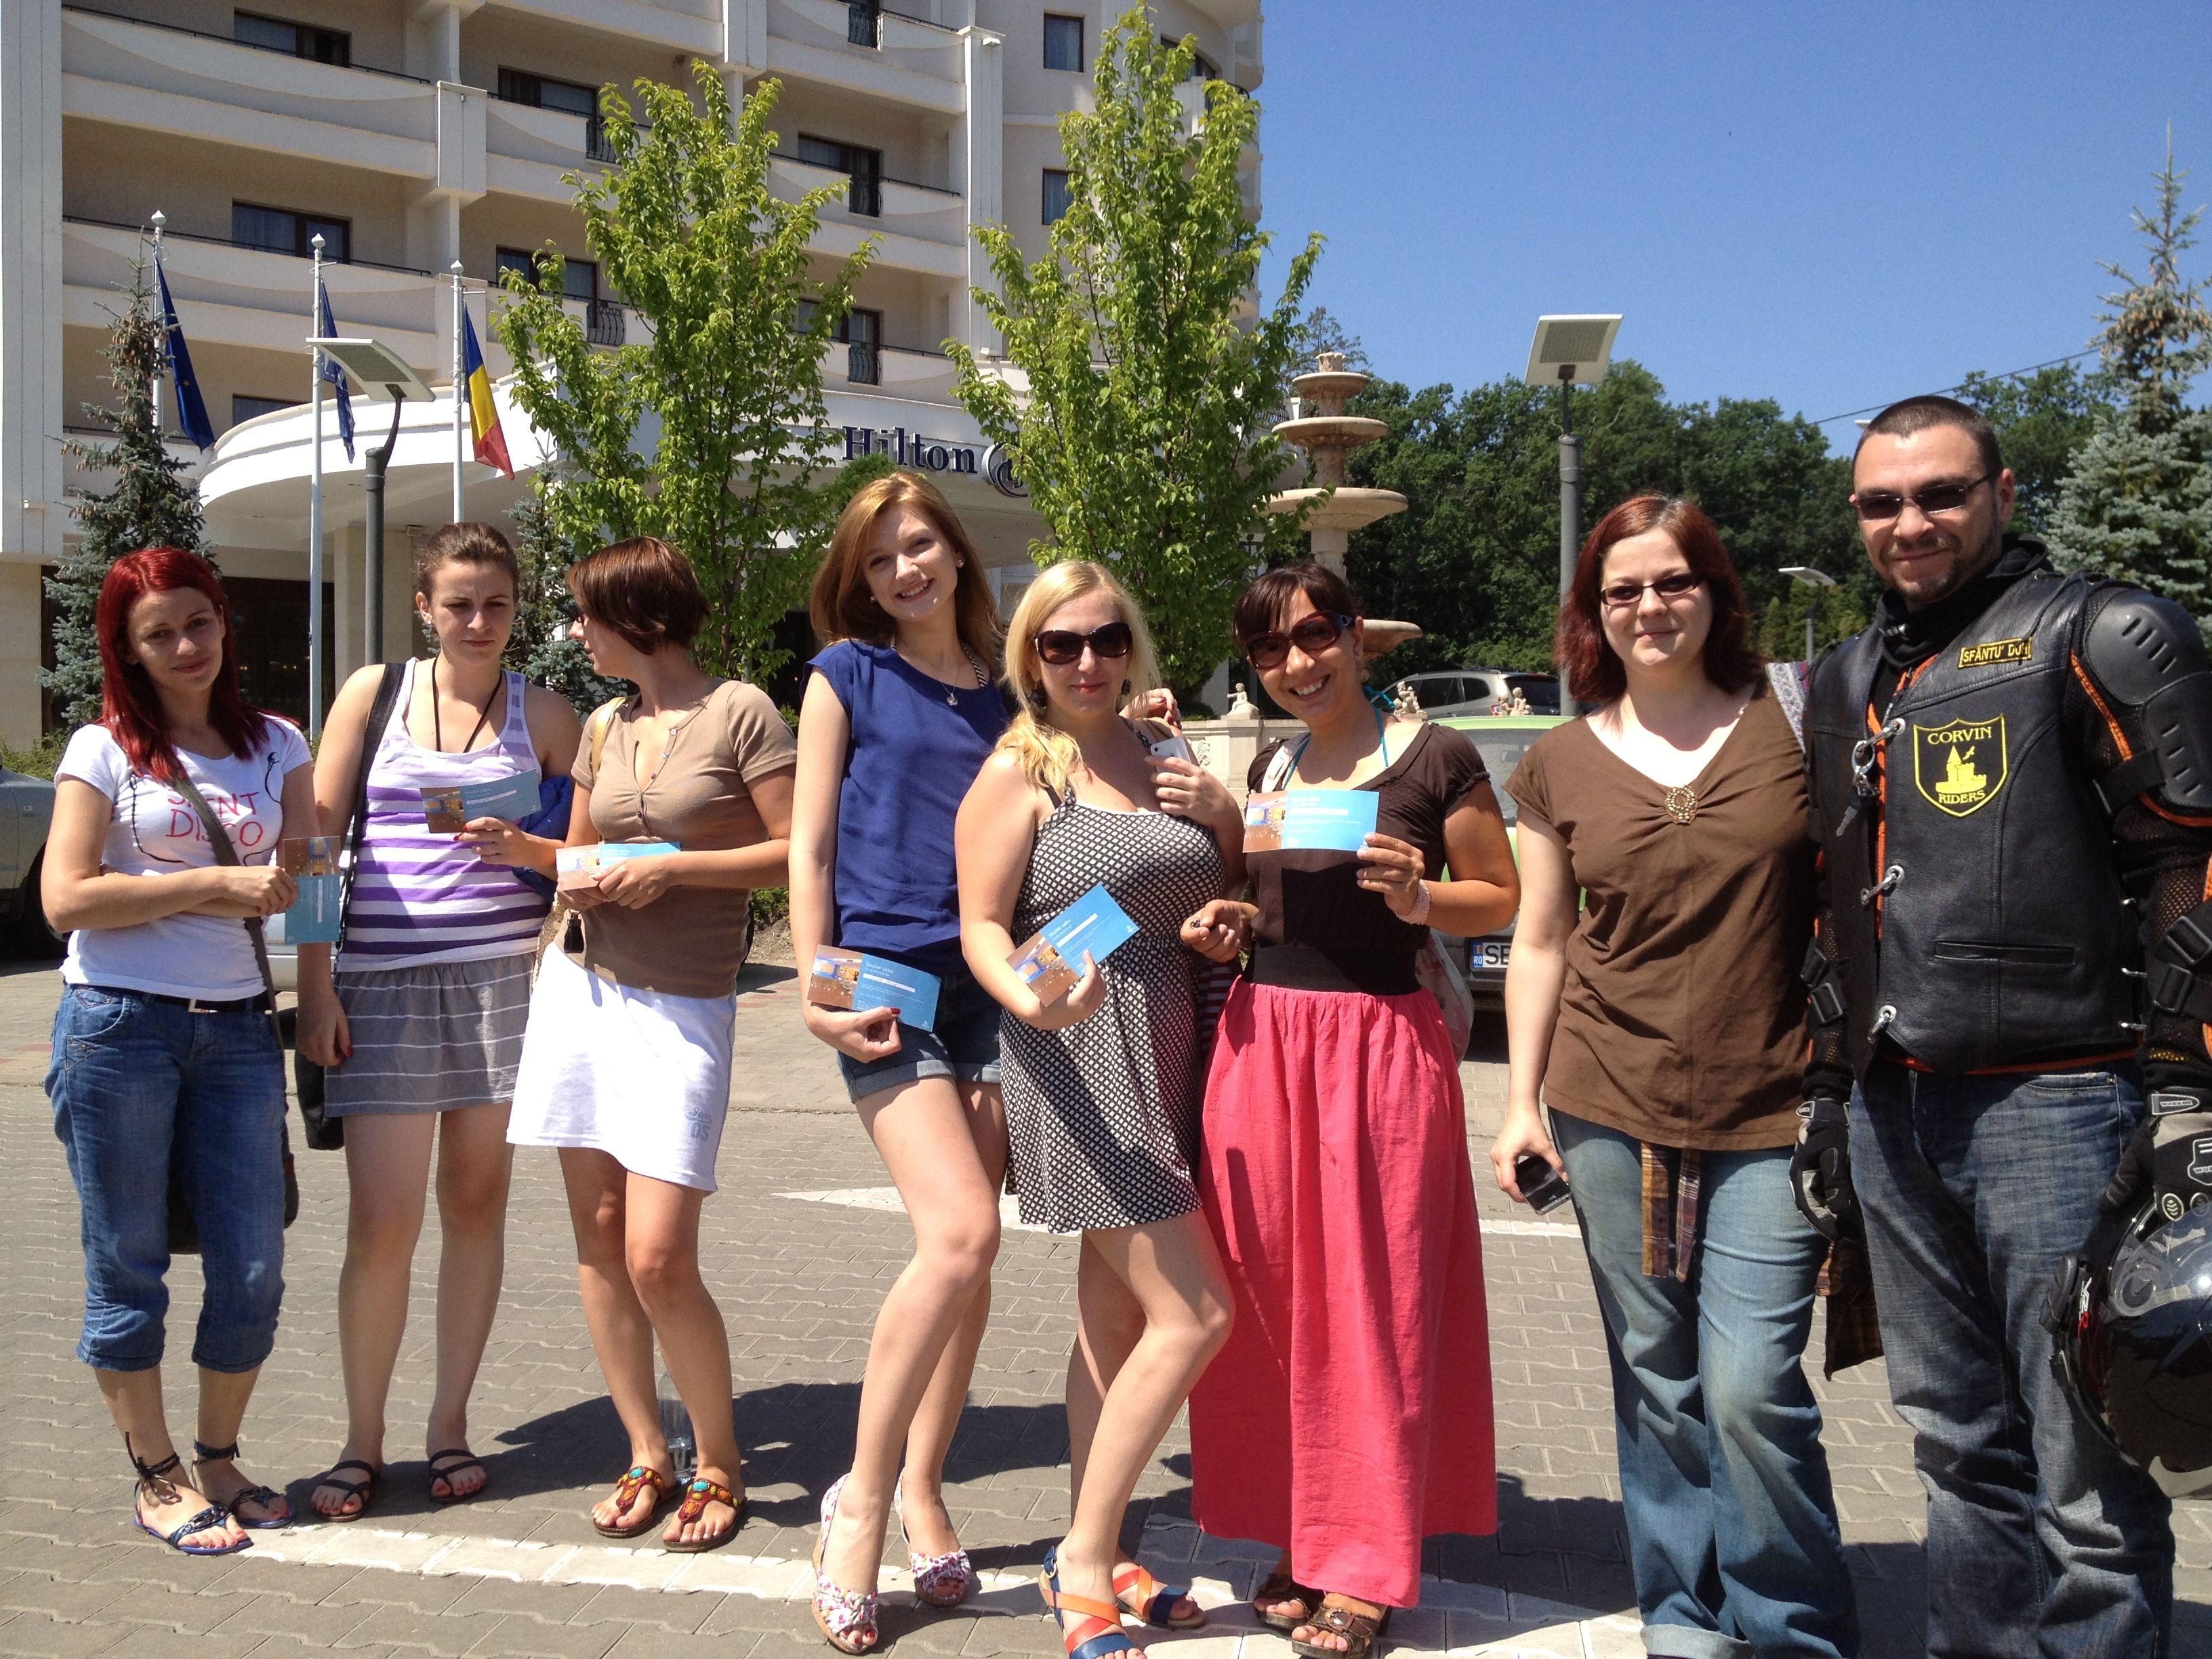 Photo 01.07.2012, 11 51 30